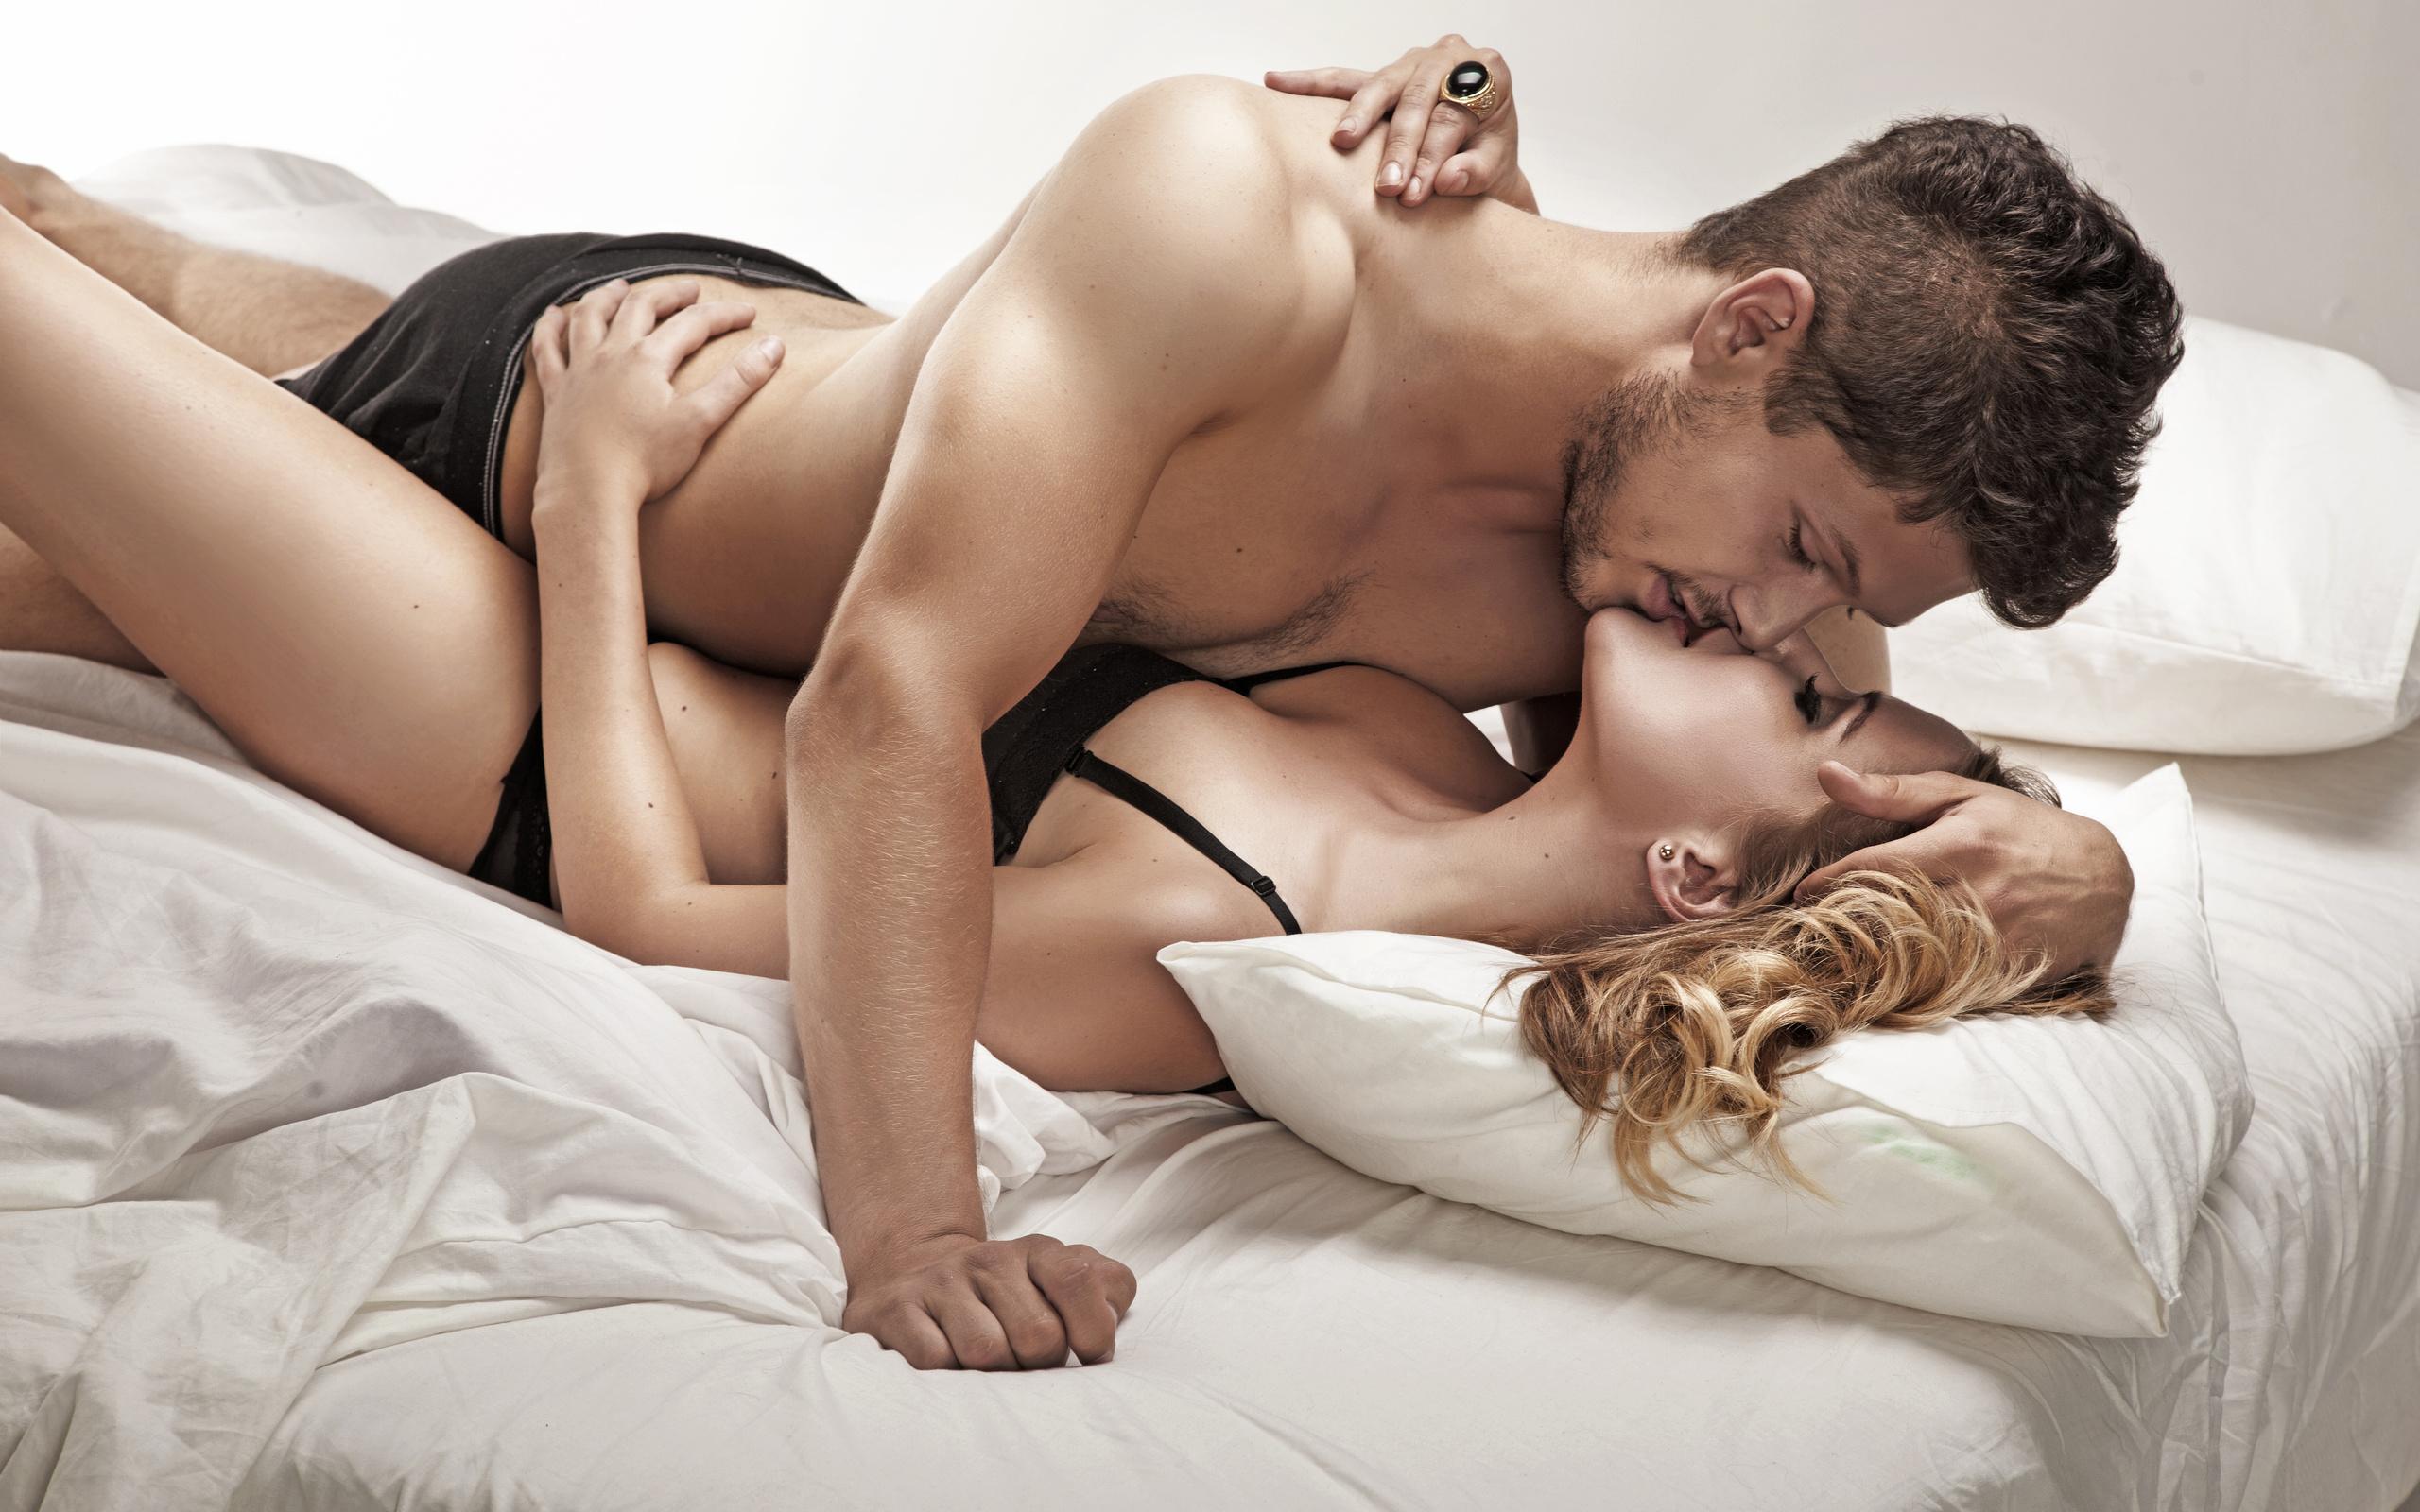 kartinki-seks-devushek-s-parnyami